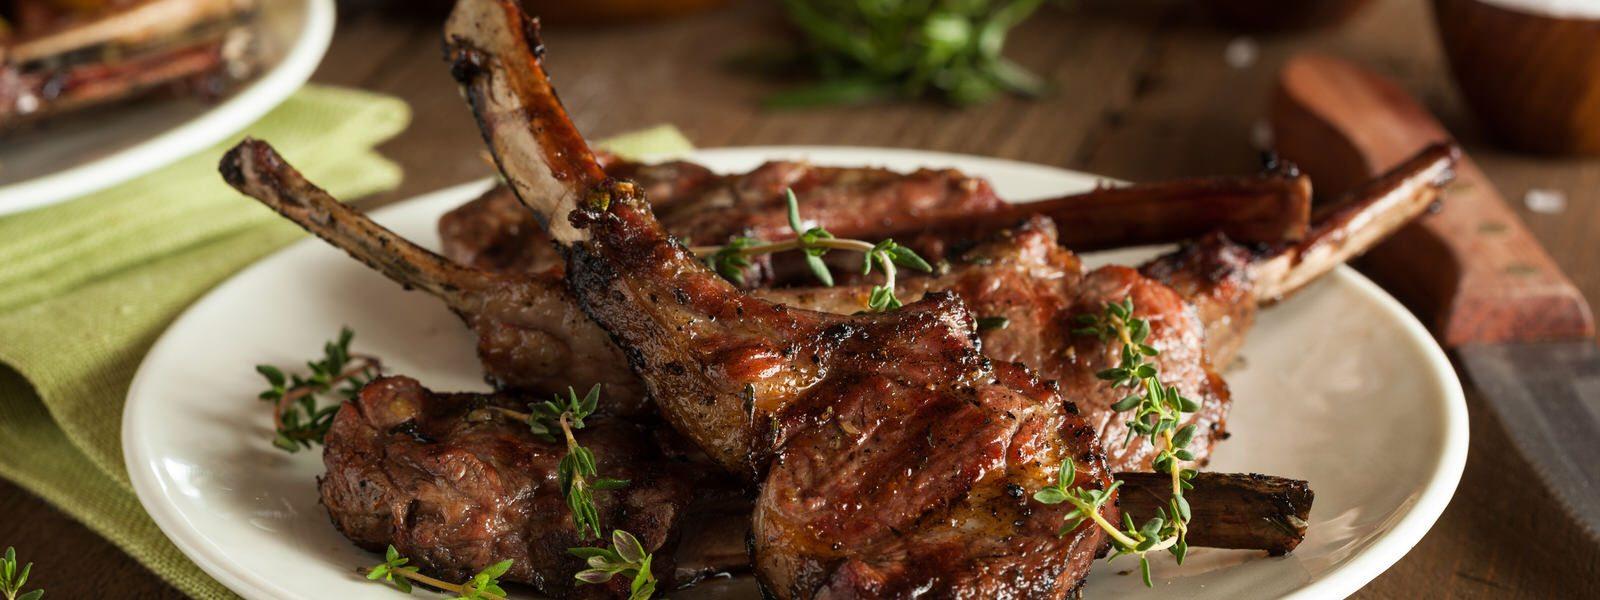 dw_recipe_lollipop_lamb_chops_rosemary_sauce_hero